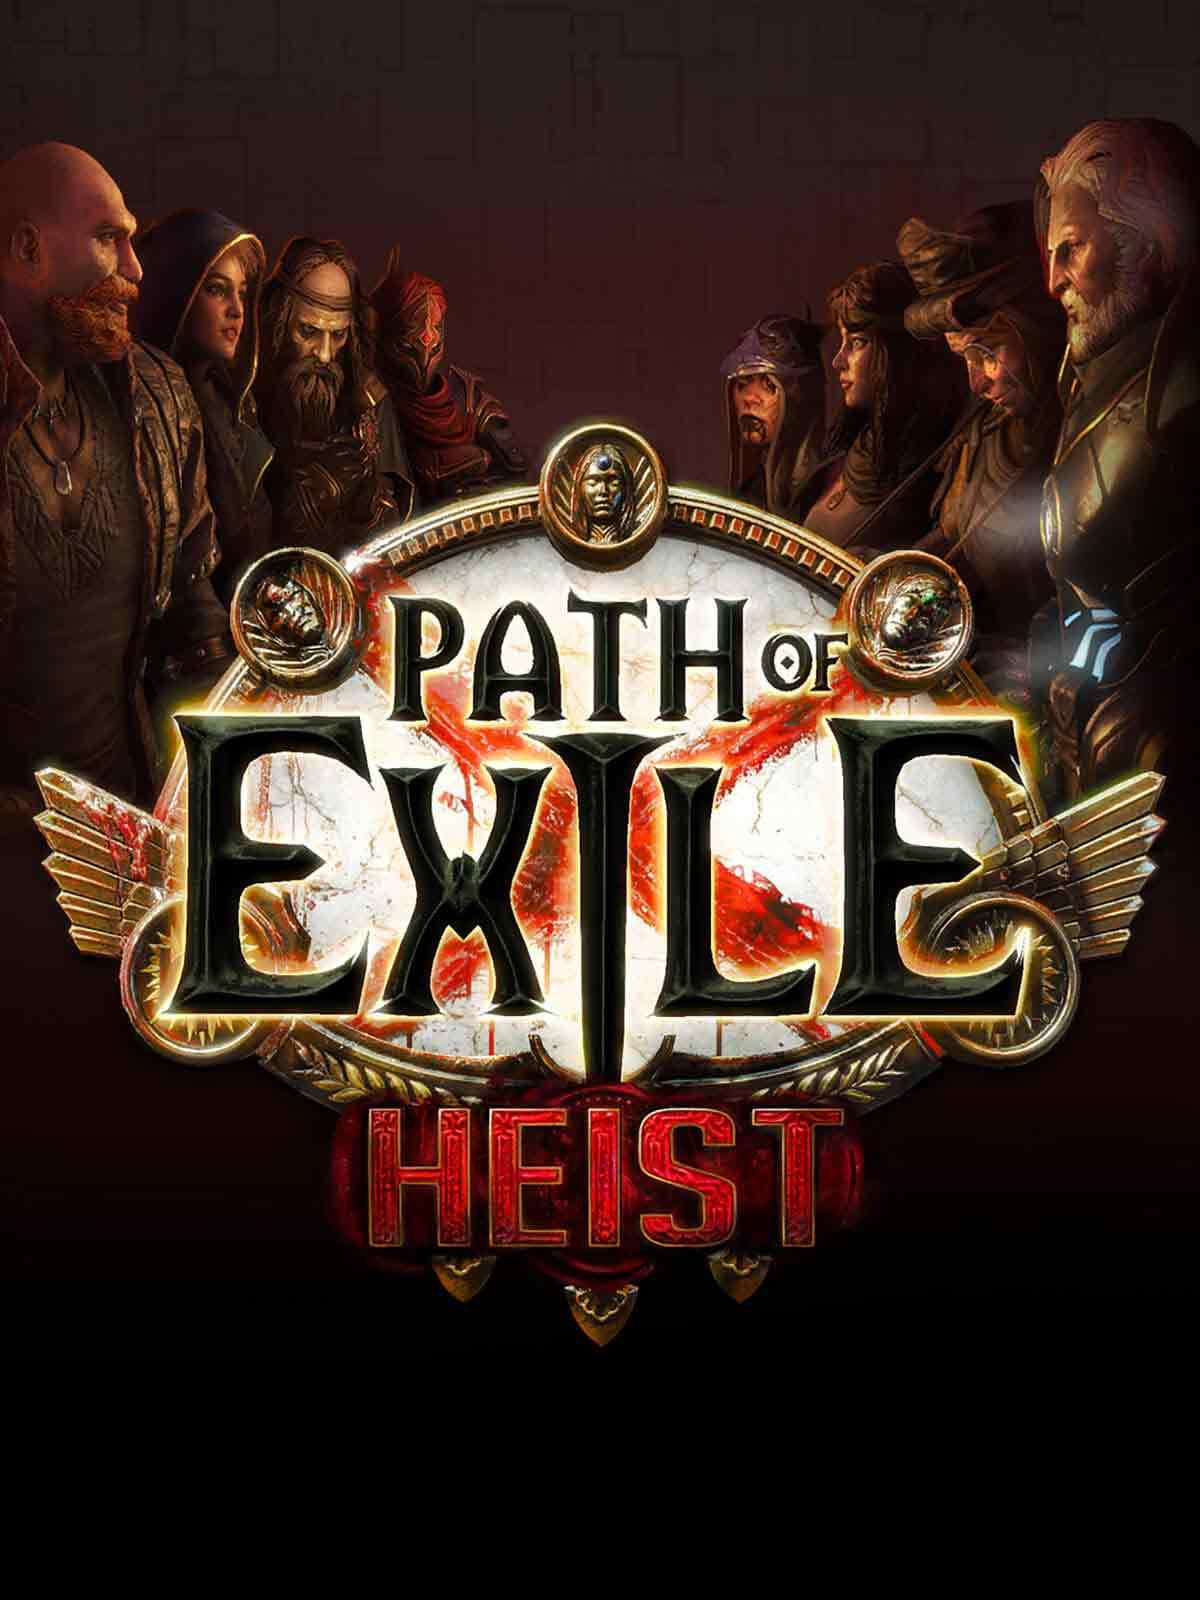 เกมฟรีในคอม-5-เกมน่าเล่น-นำเทรนด์-Path-of-Exile